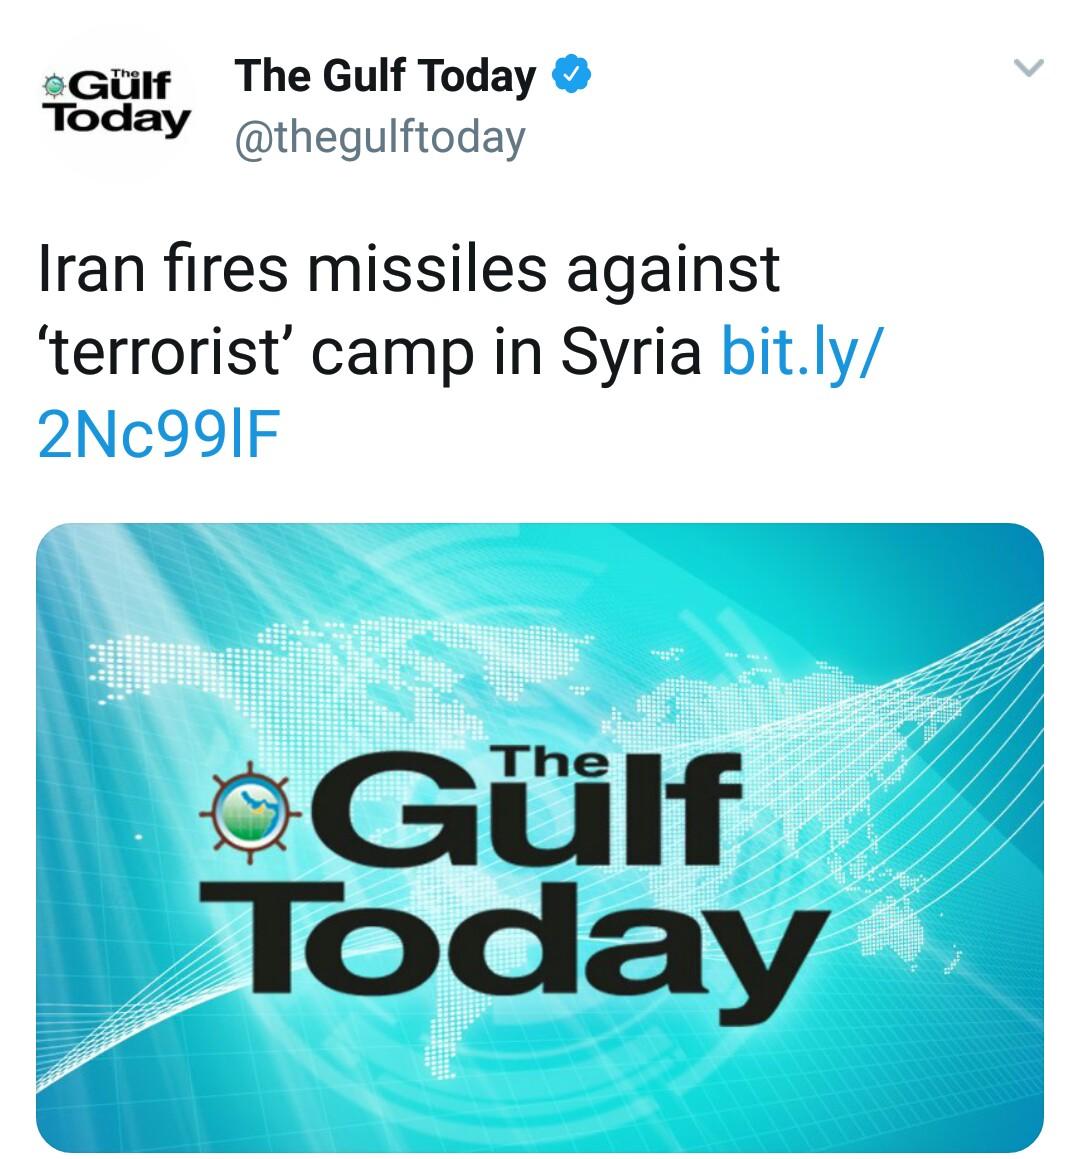 بازتاب حمله موشکی سپاه به مواضع طراحان حمله تروریستی اهواز در رسانههای خارجی - 35